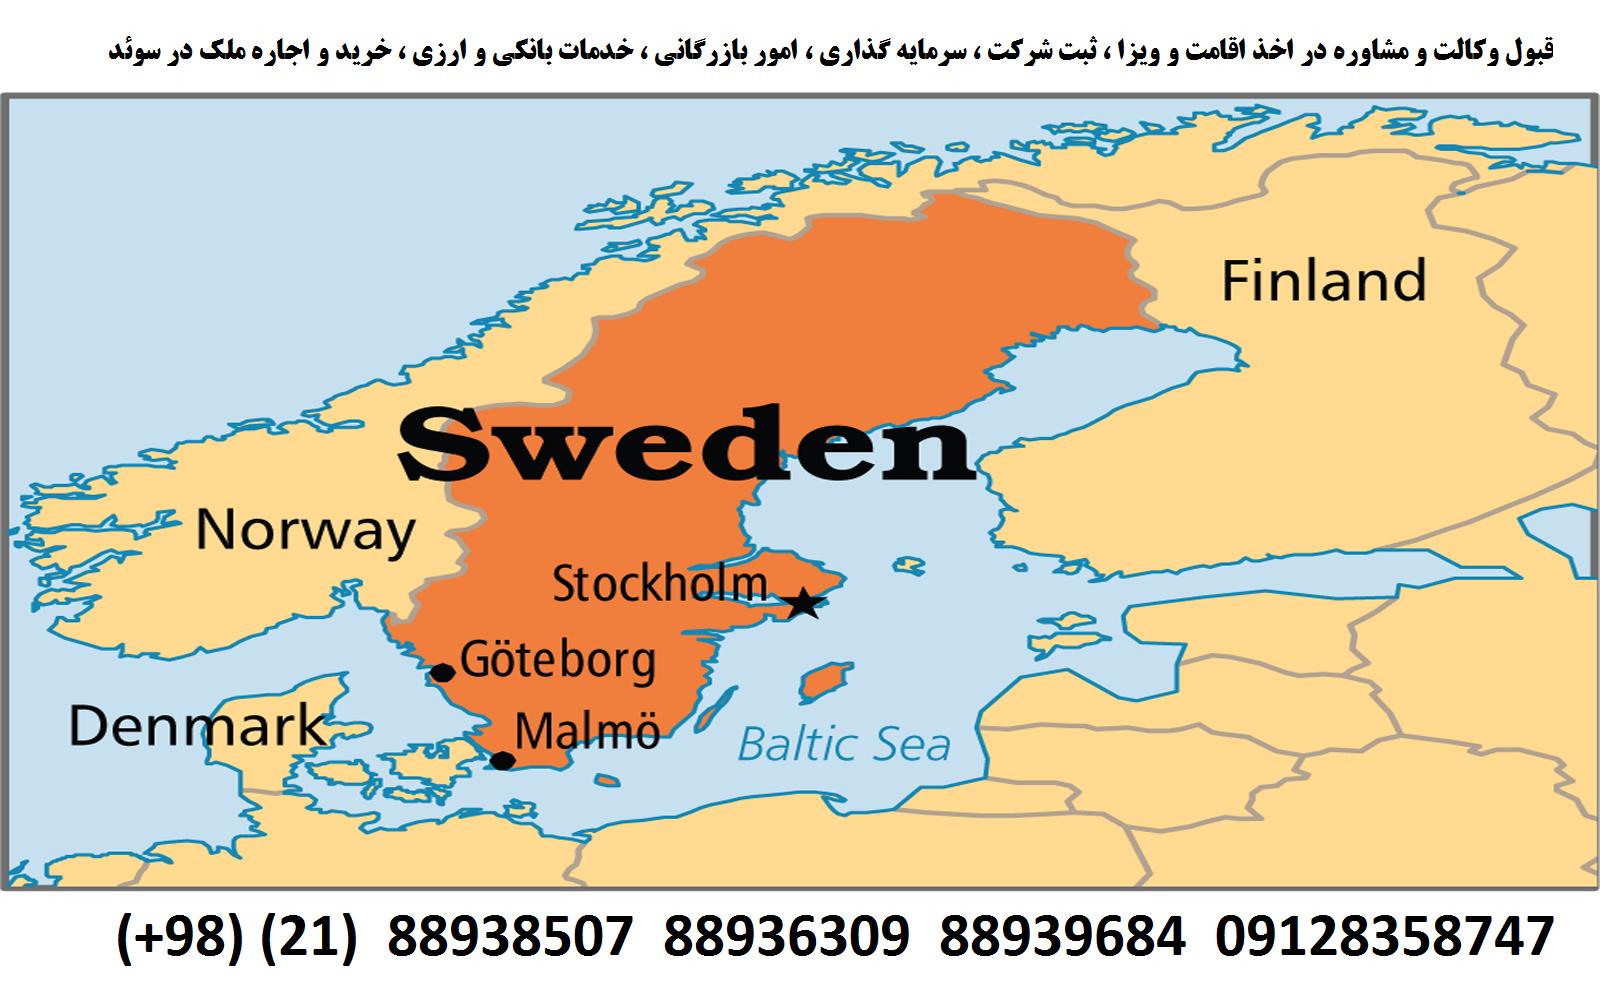 اقامت ، ویزا ، ثبت شرکت ، سرمایه گذاری در کشور سوئد (1)